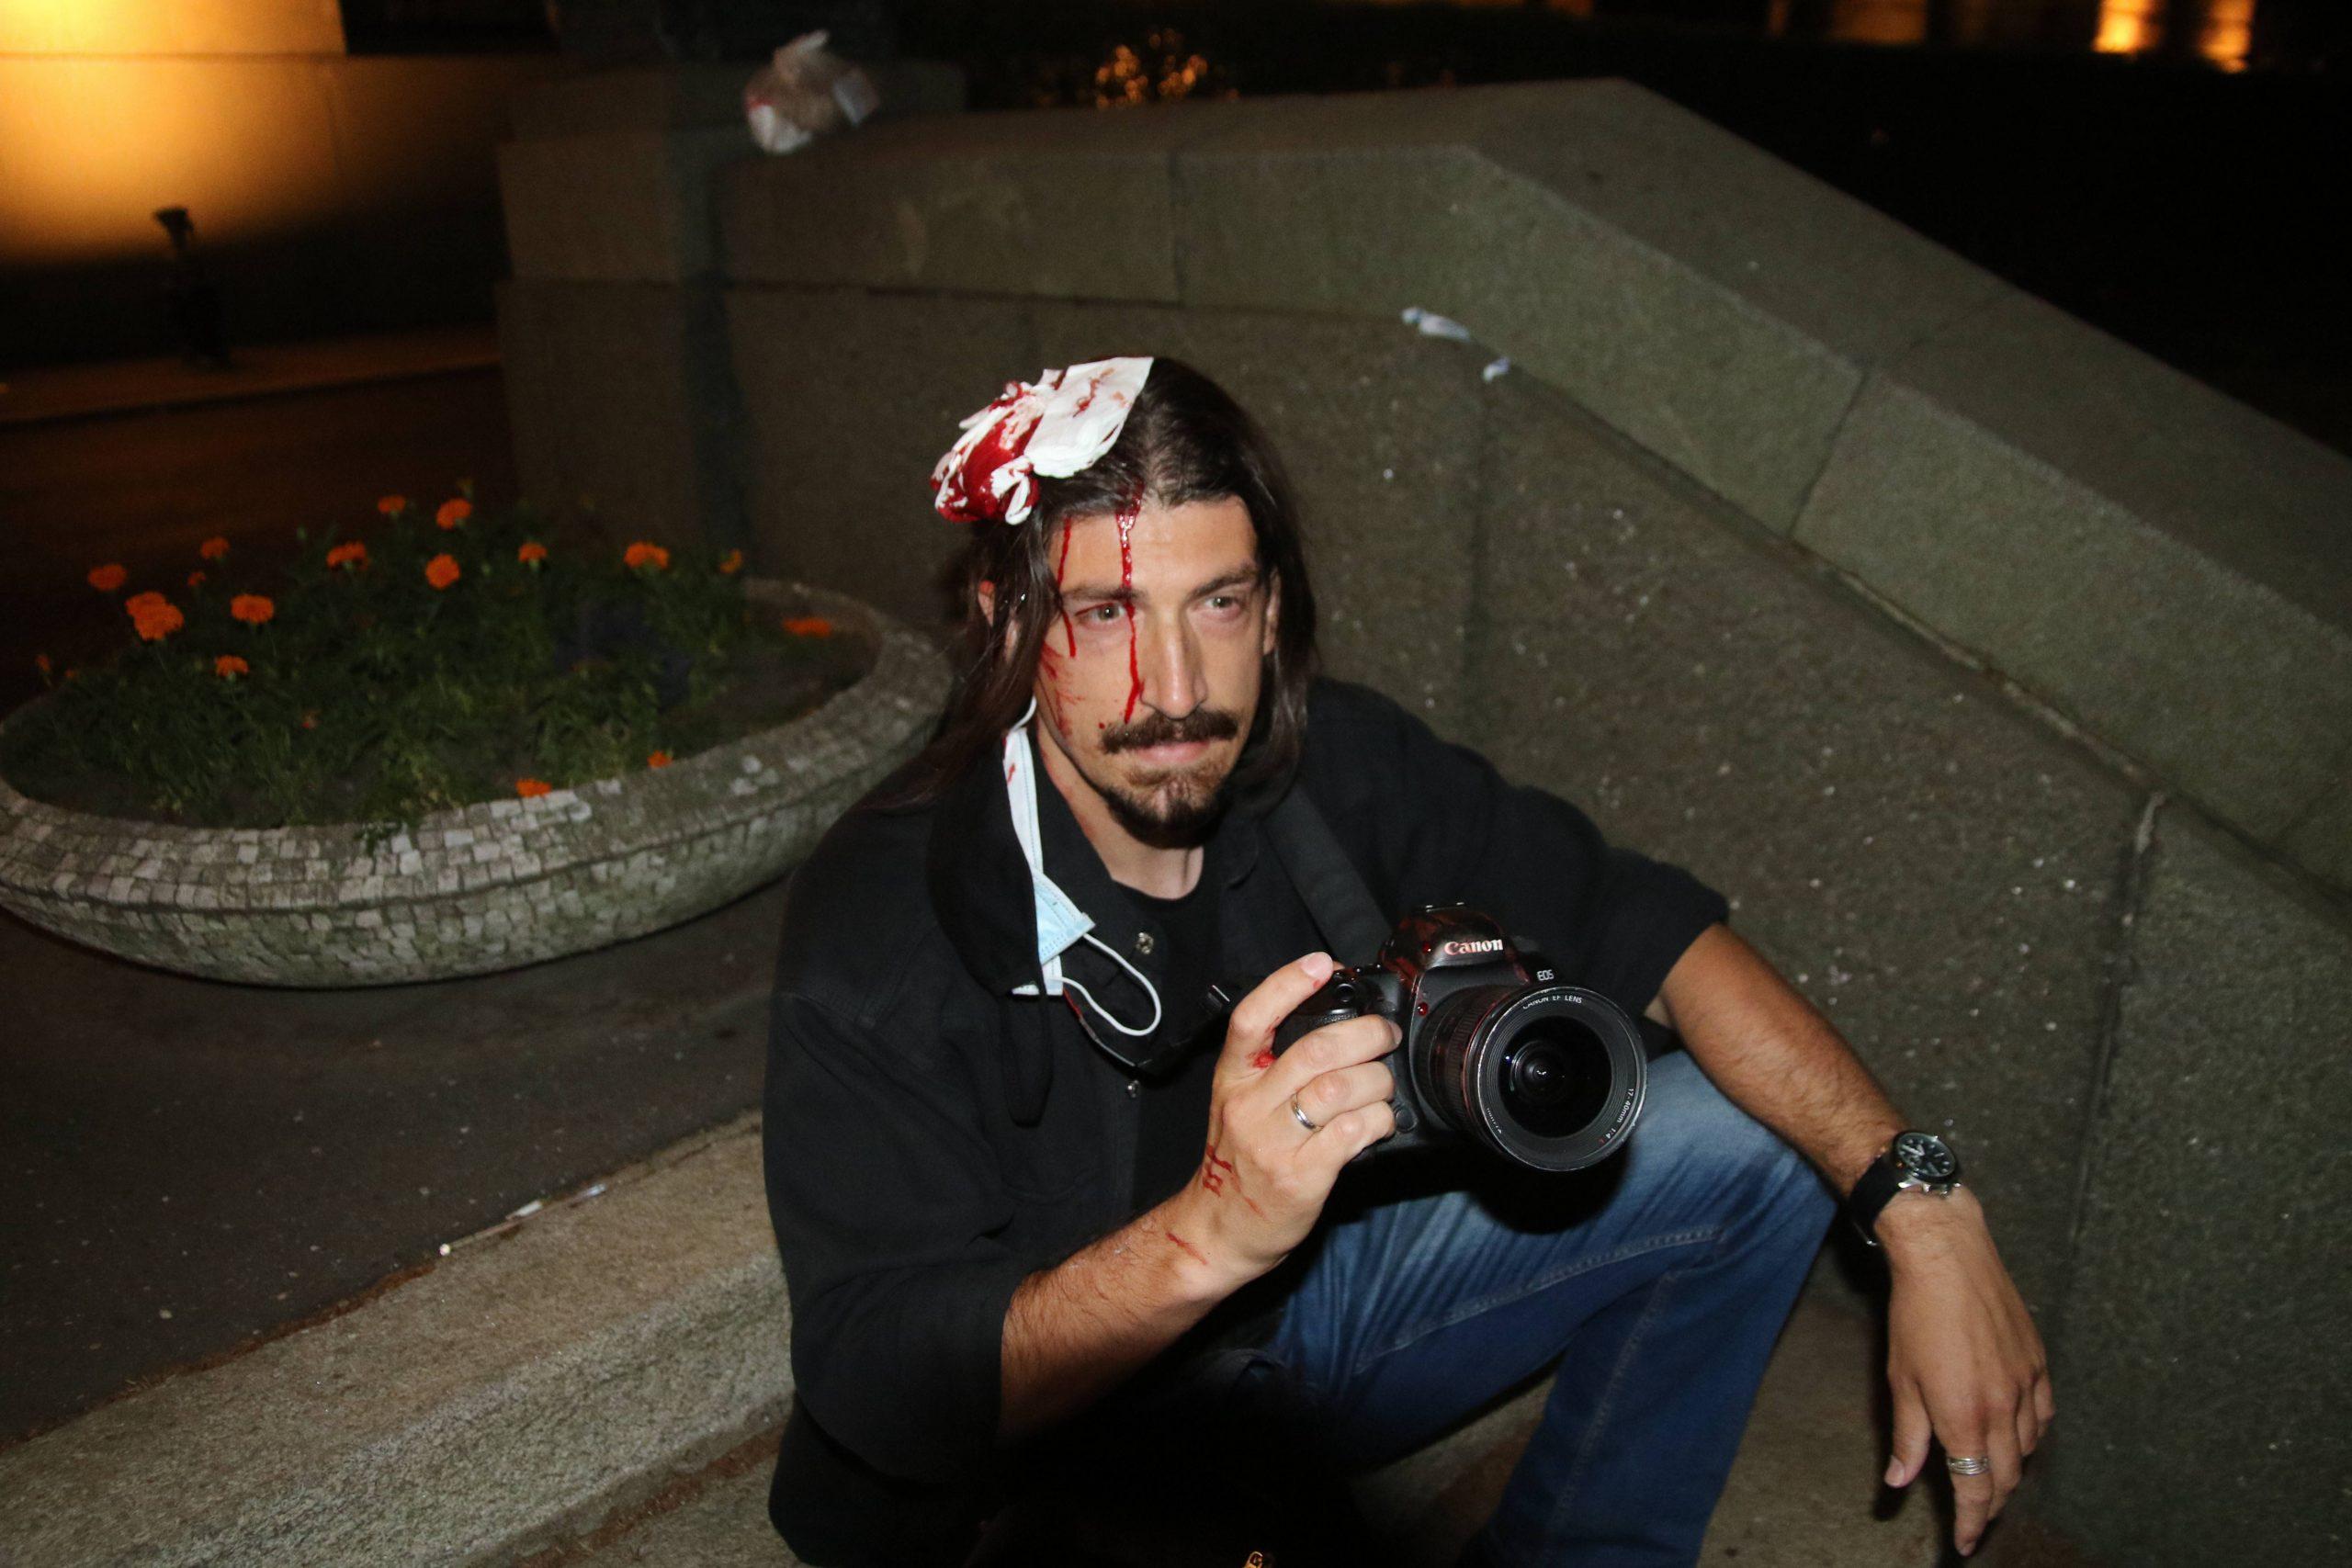 Serbia Journalist attacked